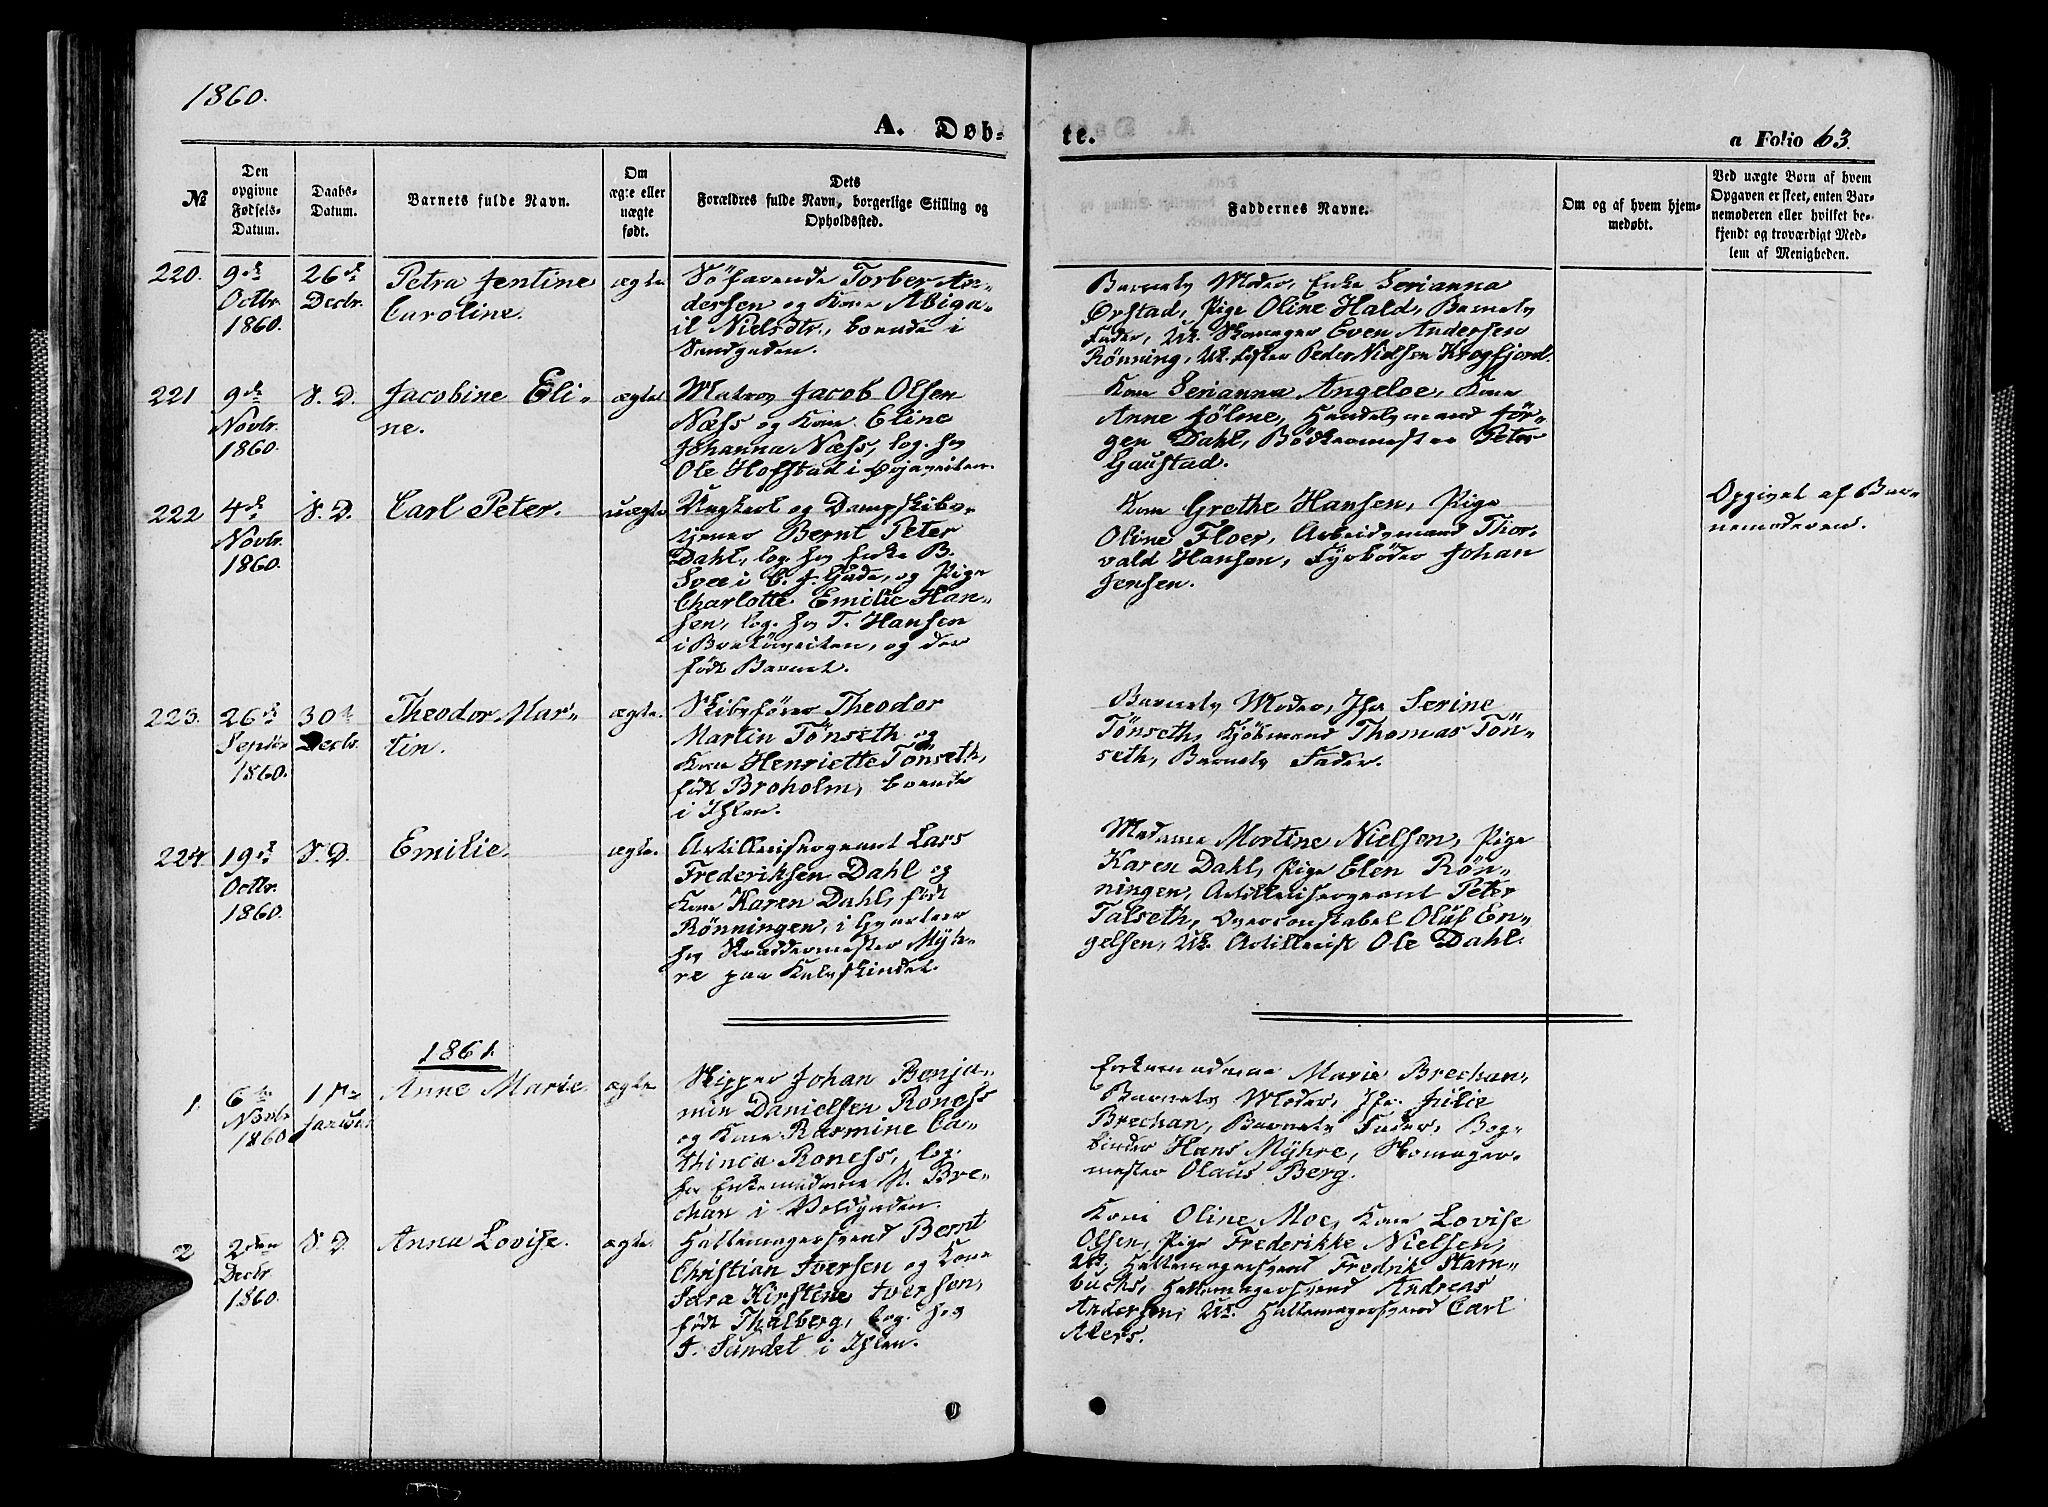 SAT, Ministerialprotokoller, klokkerbøker og fødselsregistre - Sør-Trøndelag, 602/L0139: Klokkerbok nr. 602C07, 1859-1864, s. 63